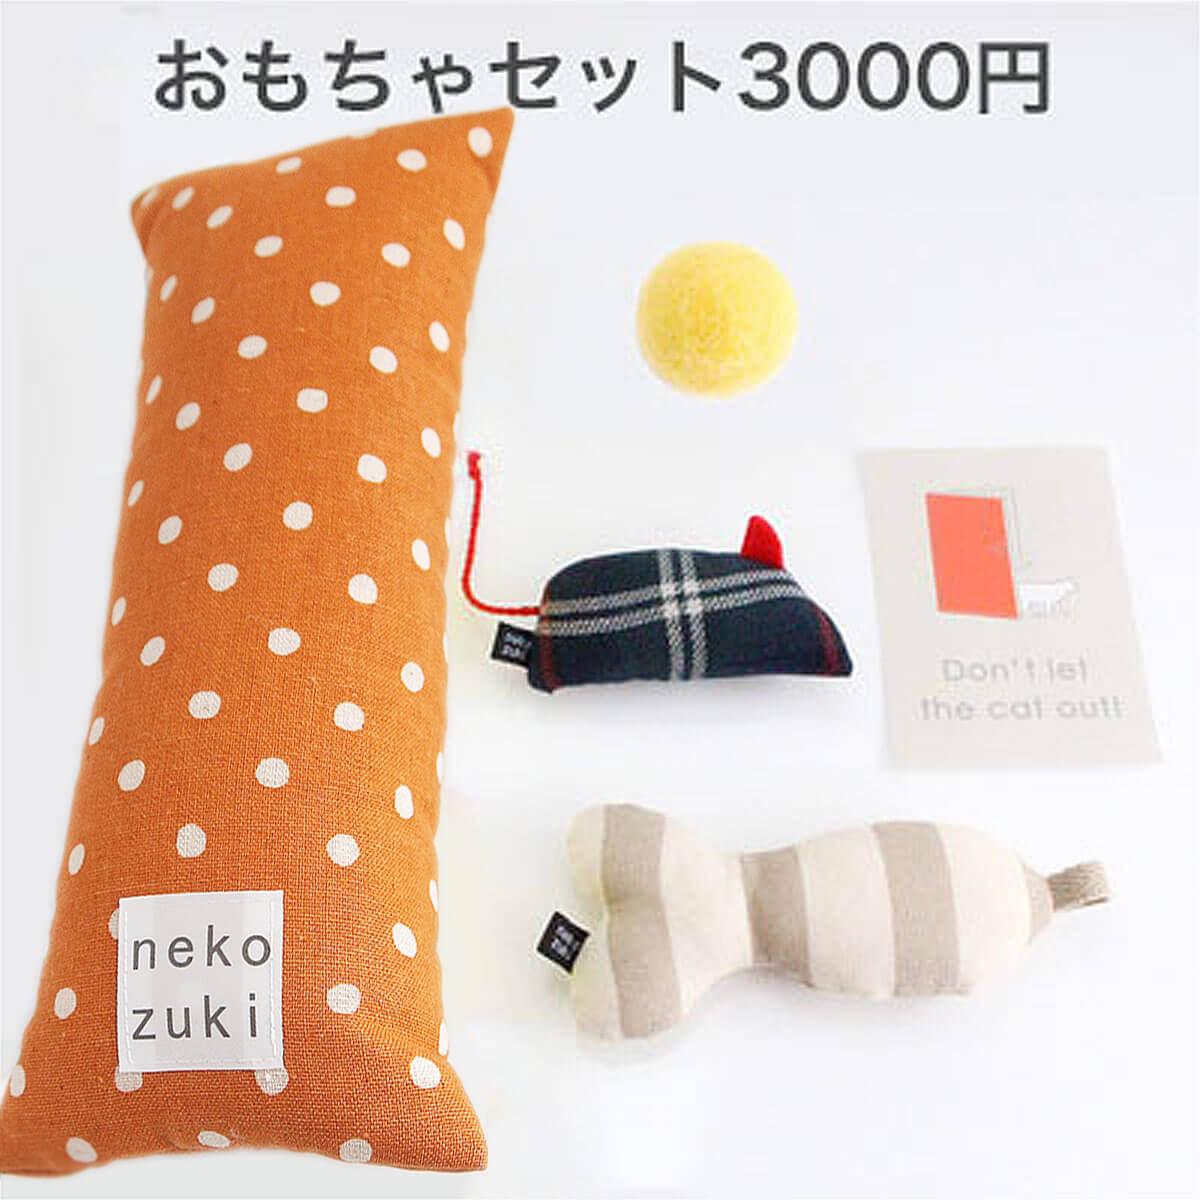 日本製 猫 おもちゃ 3000円 セット 福袋 ボール けりぐるみ ぬいぐるみ 脱走防止